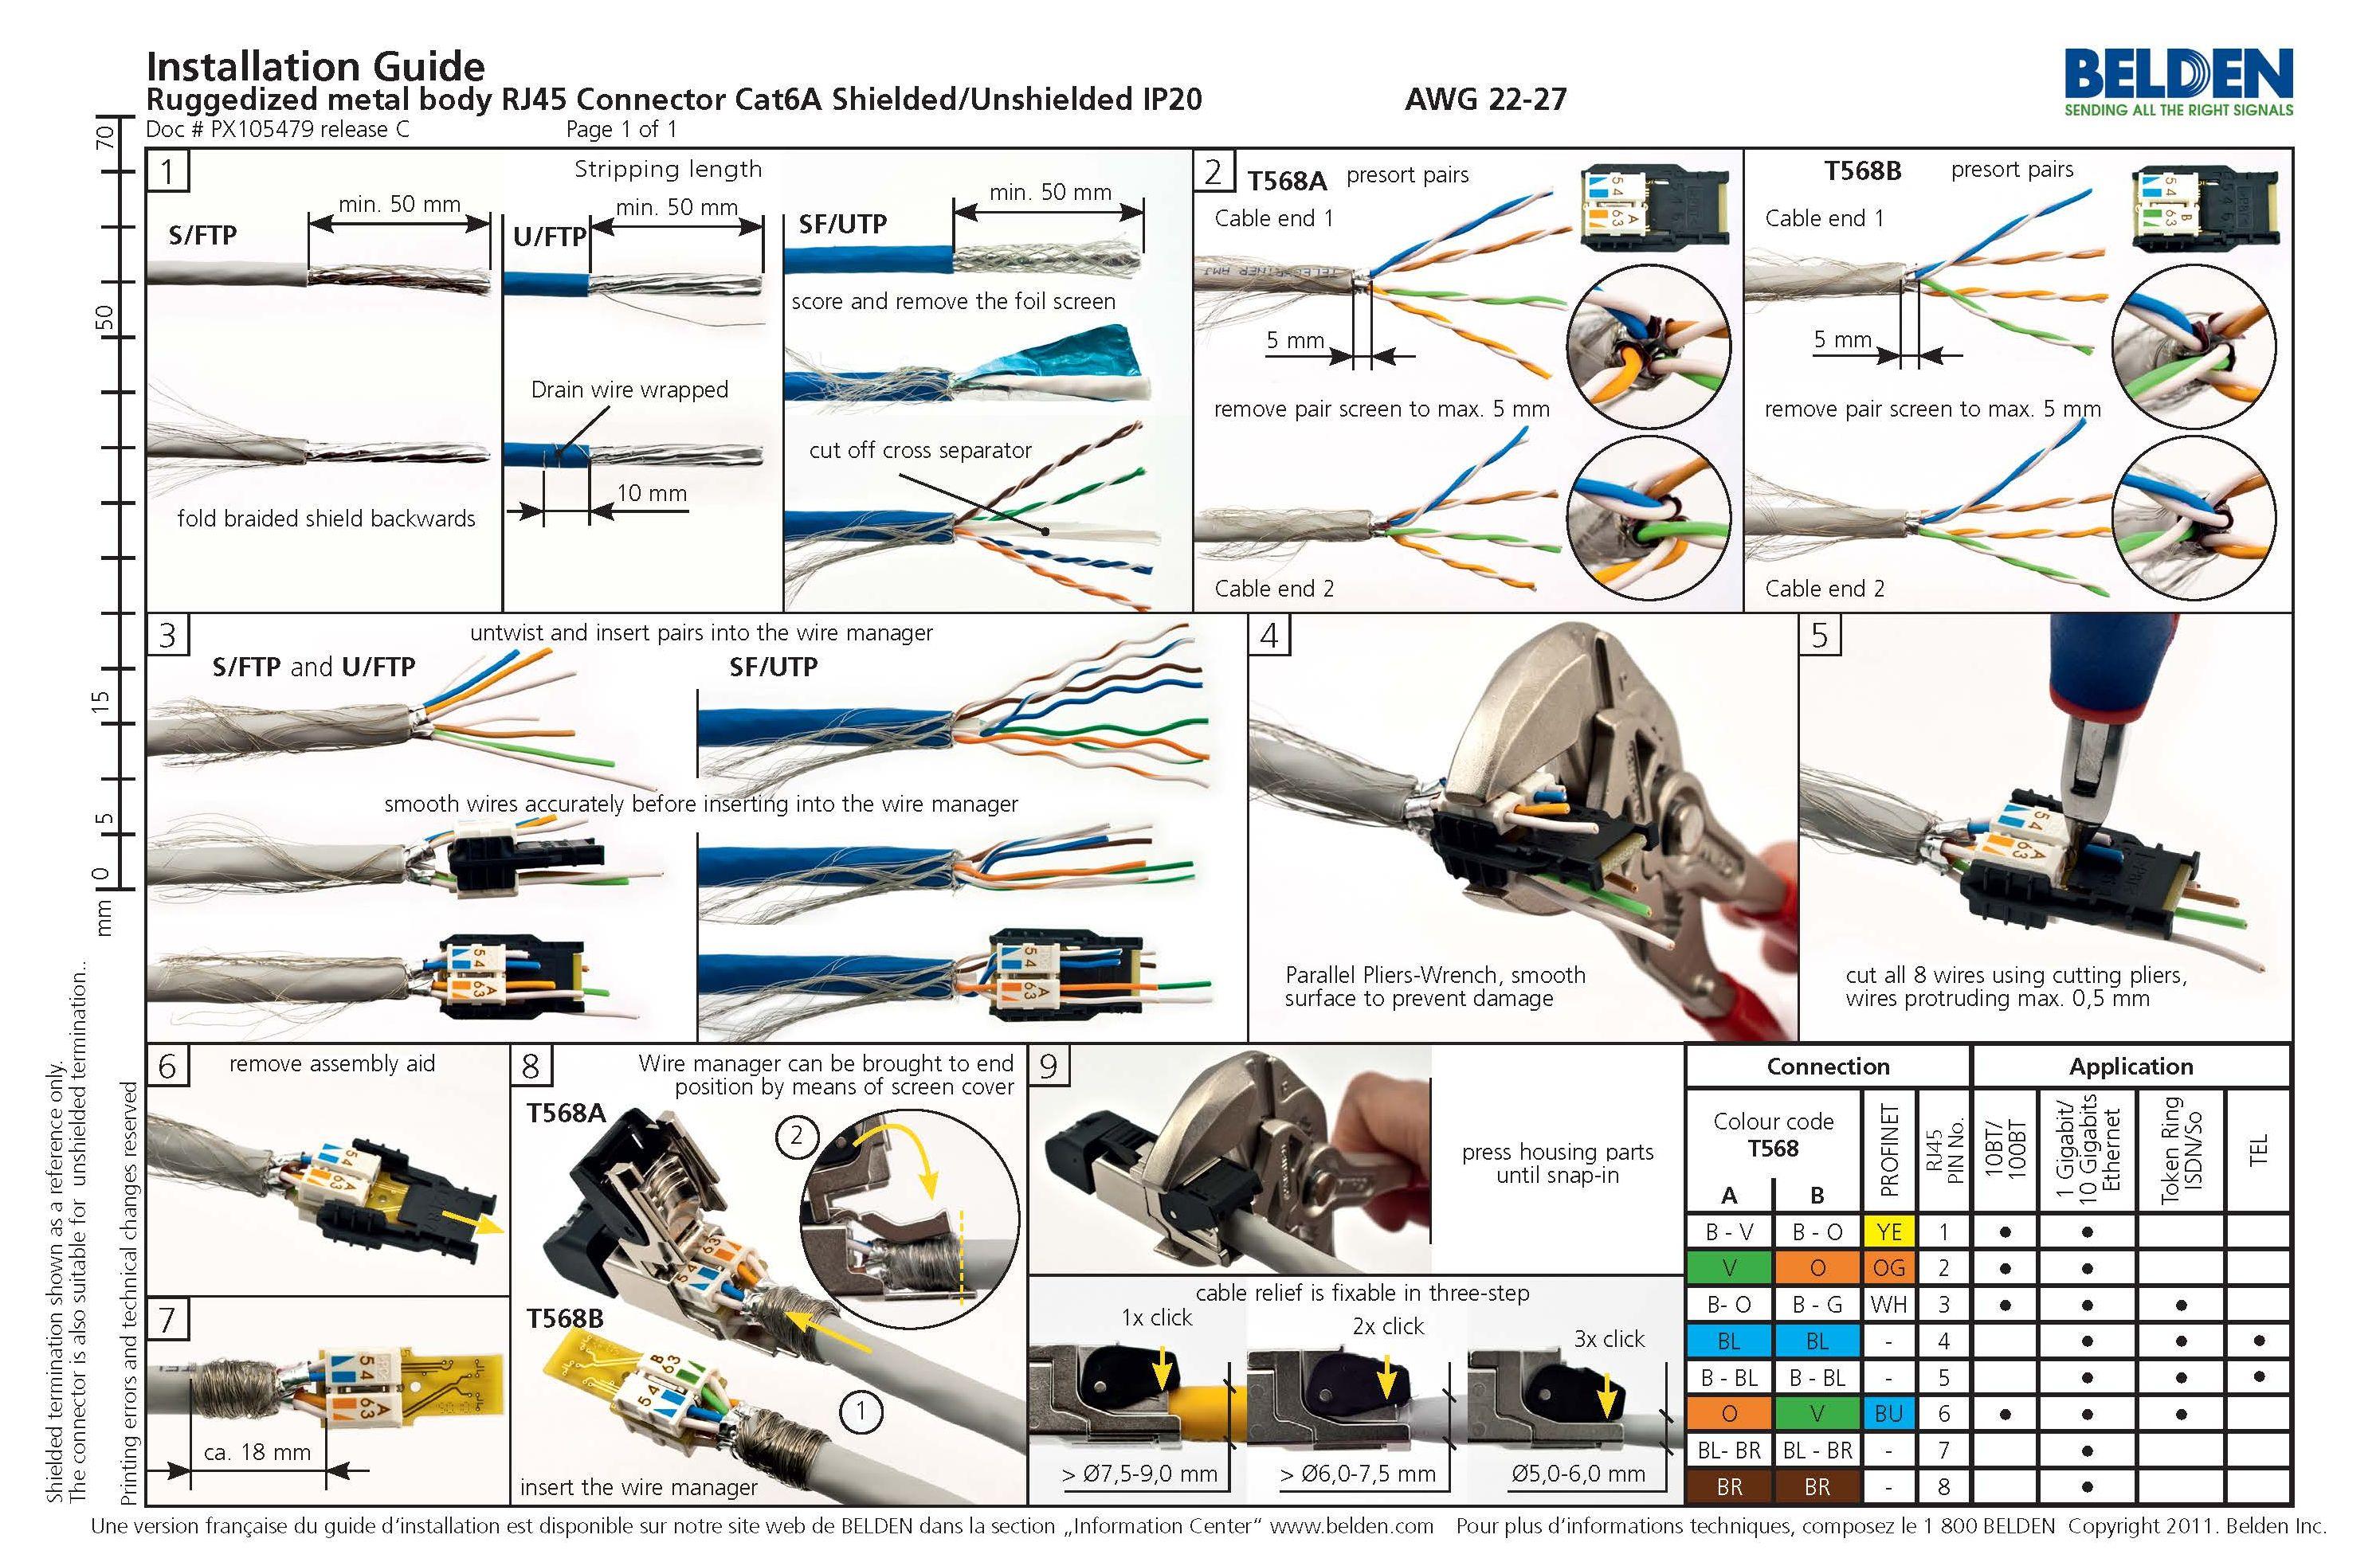 panduit rj11 wiring diagram nv 1674  panduit cat6 rj45 jack wiring diagram panduit circuit  panduit cat6 rj45 jack wiring diagram